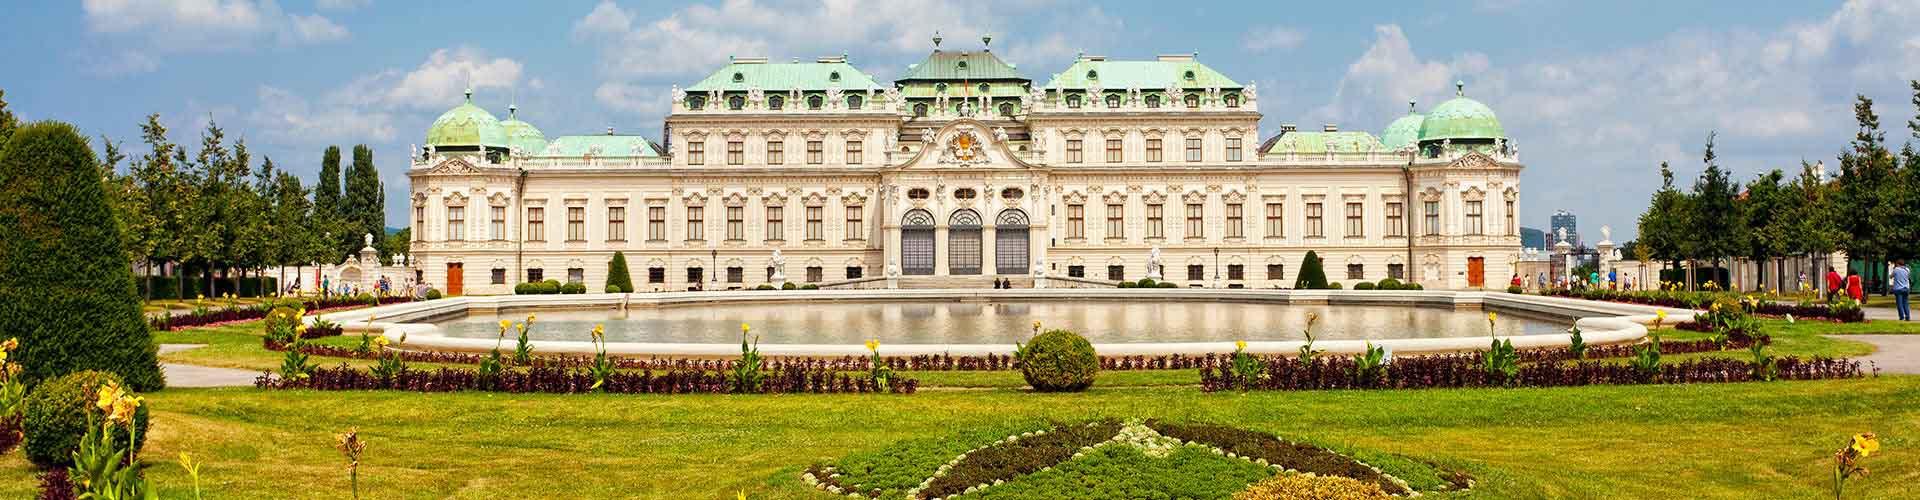 Viena - Apartamentos no Favoriten bairro. Mapas para Viena, Fotos e Avaliações para cada Apartamento em Viena.